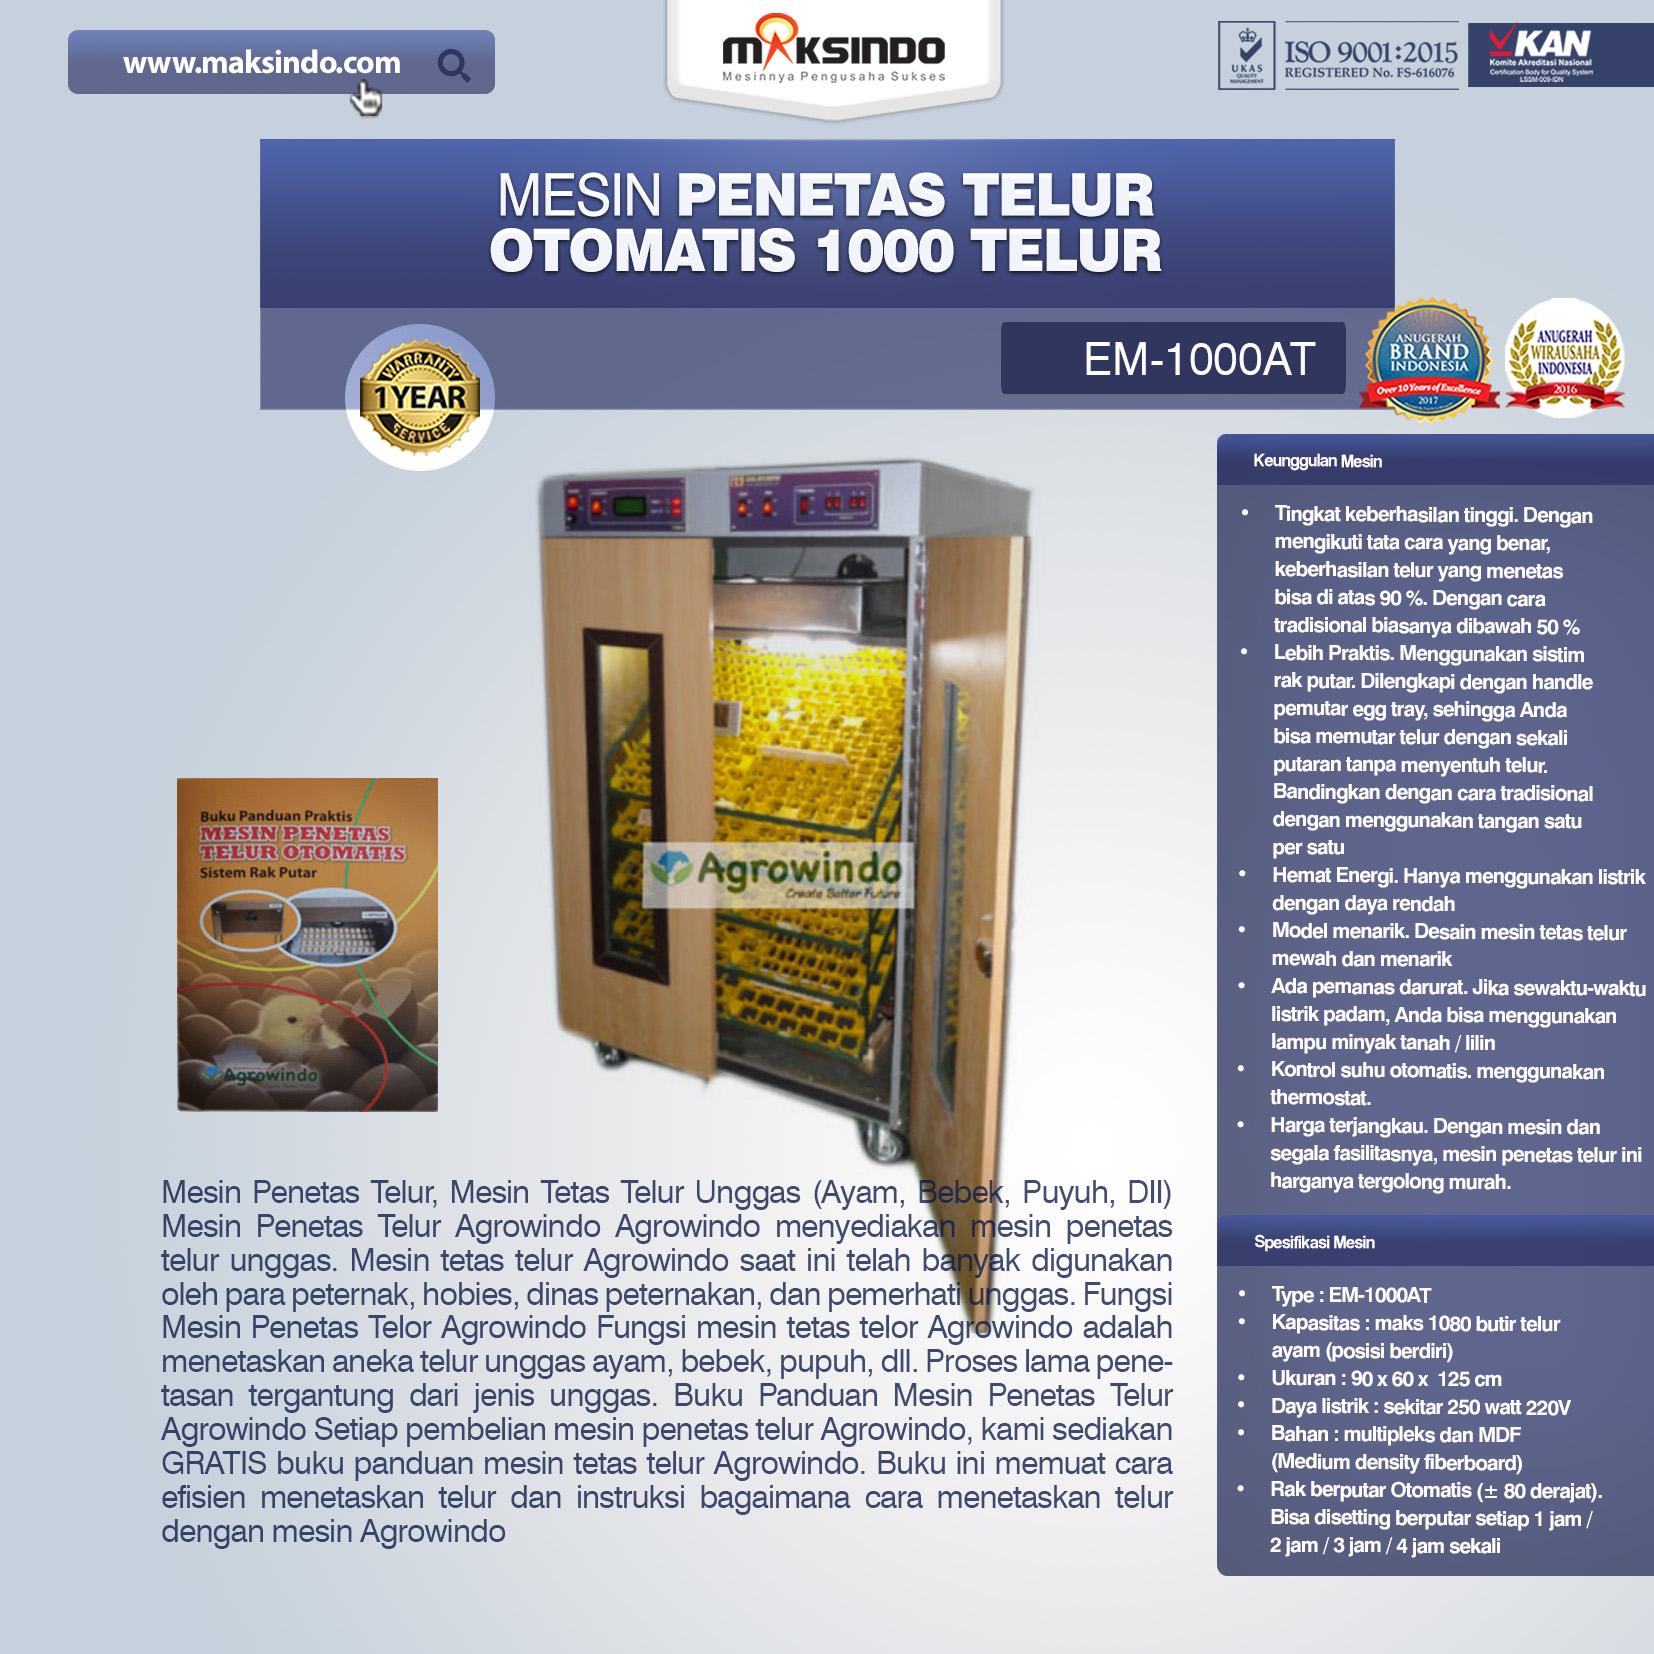 Jual Mesin Penetas Telur Otomatis 1000 Telur (EM-1000AT) di Bogor